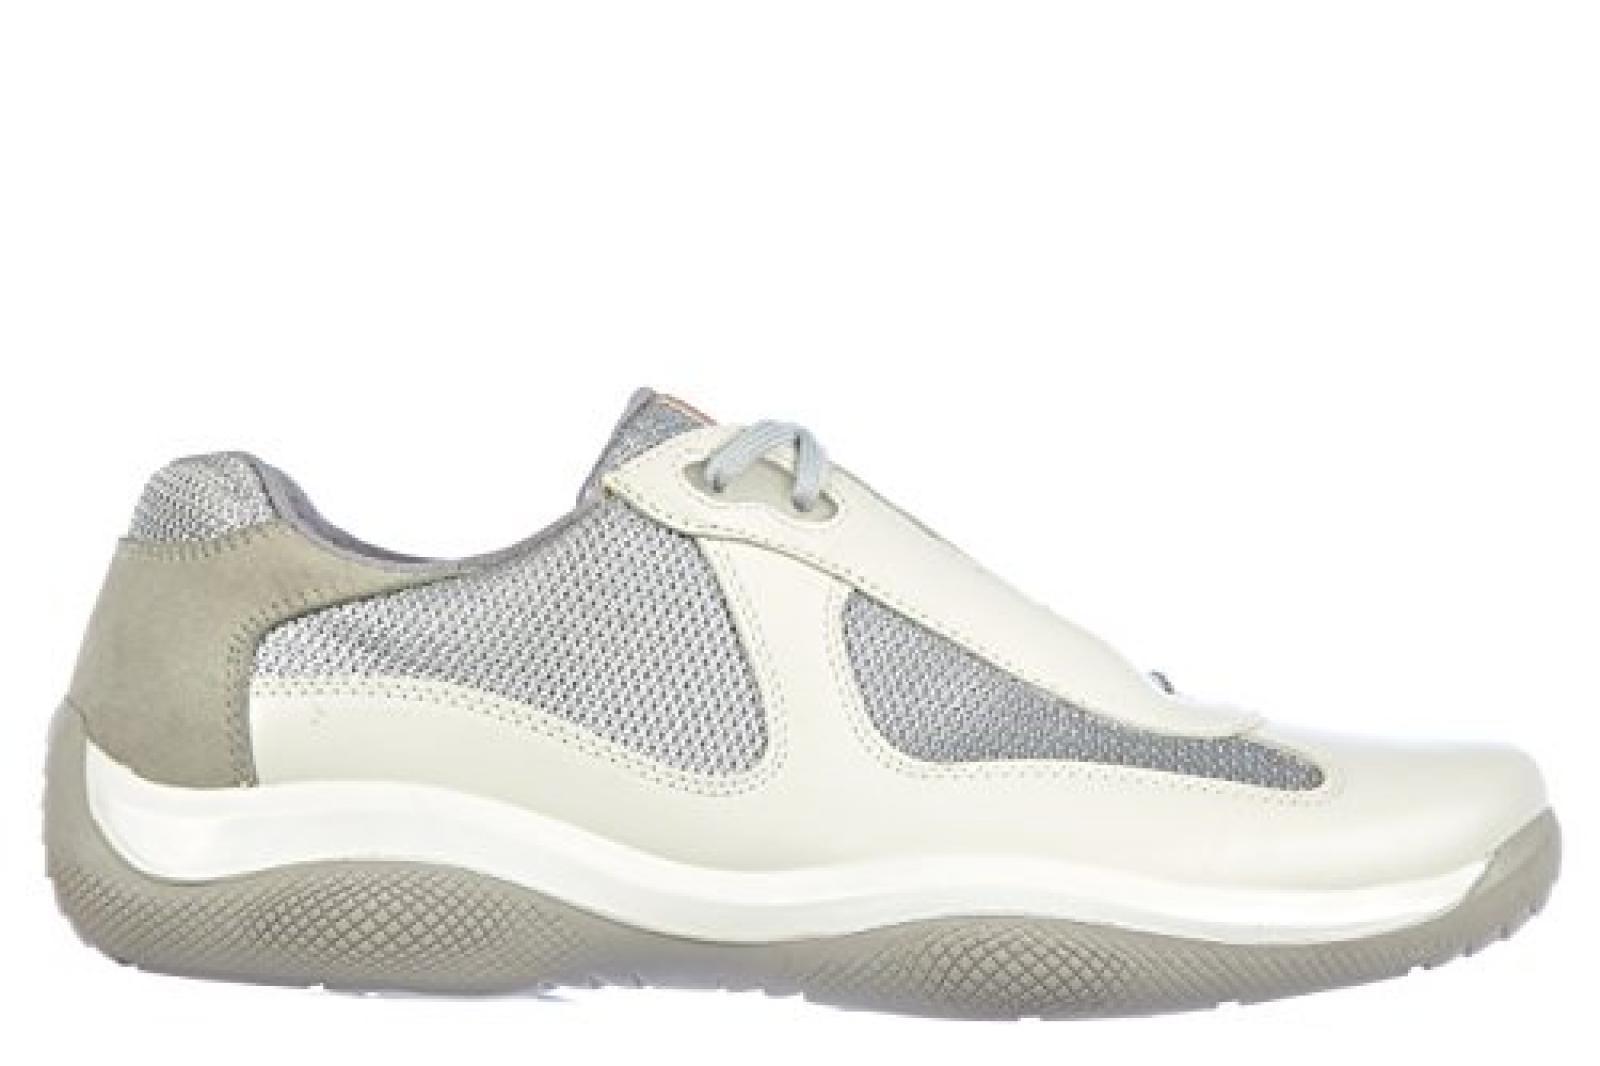 Prada Herrenschuhe Herren Leder Schuhe Sneakers nevada bike Weiß